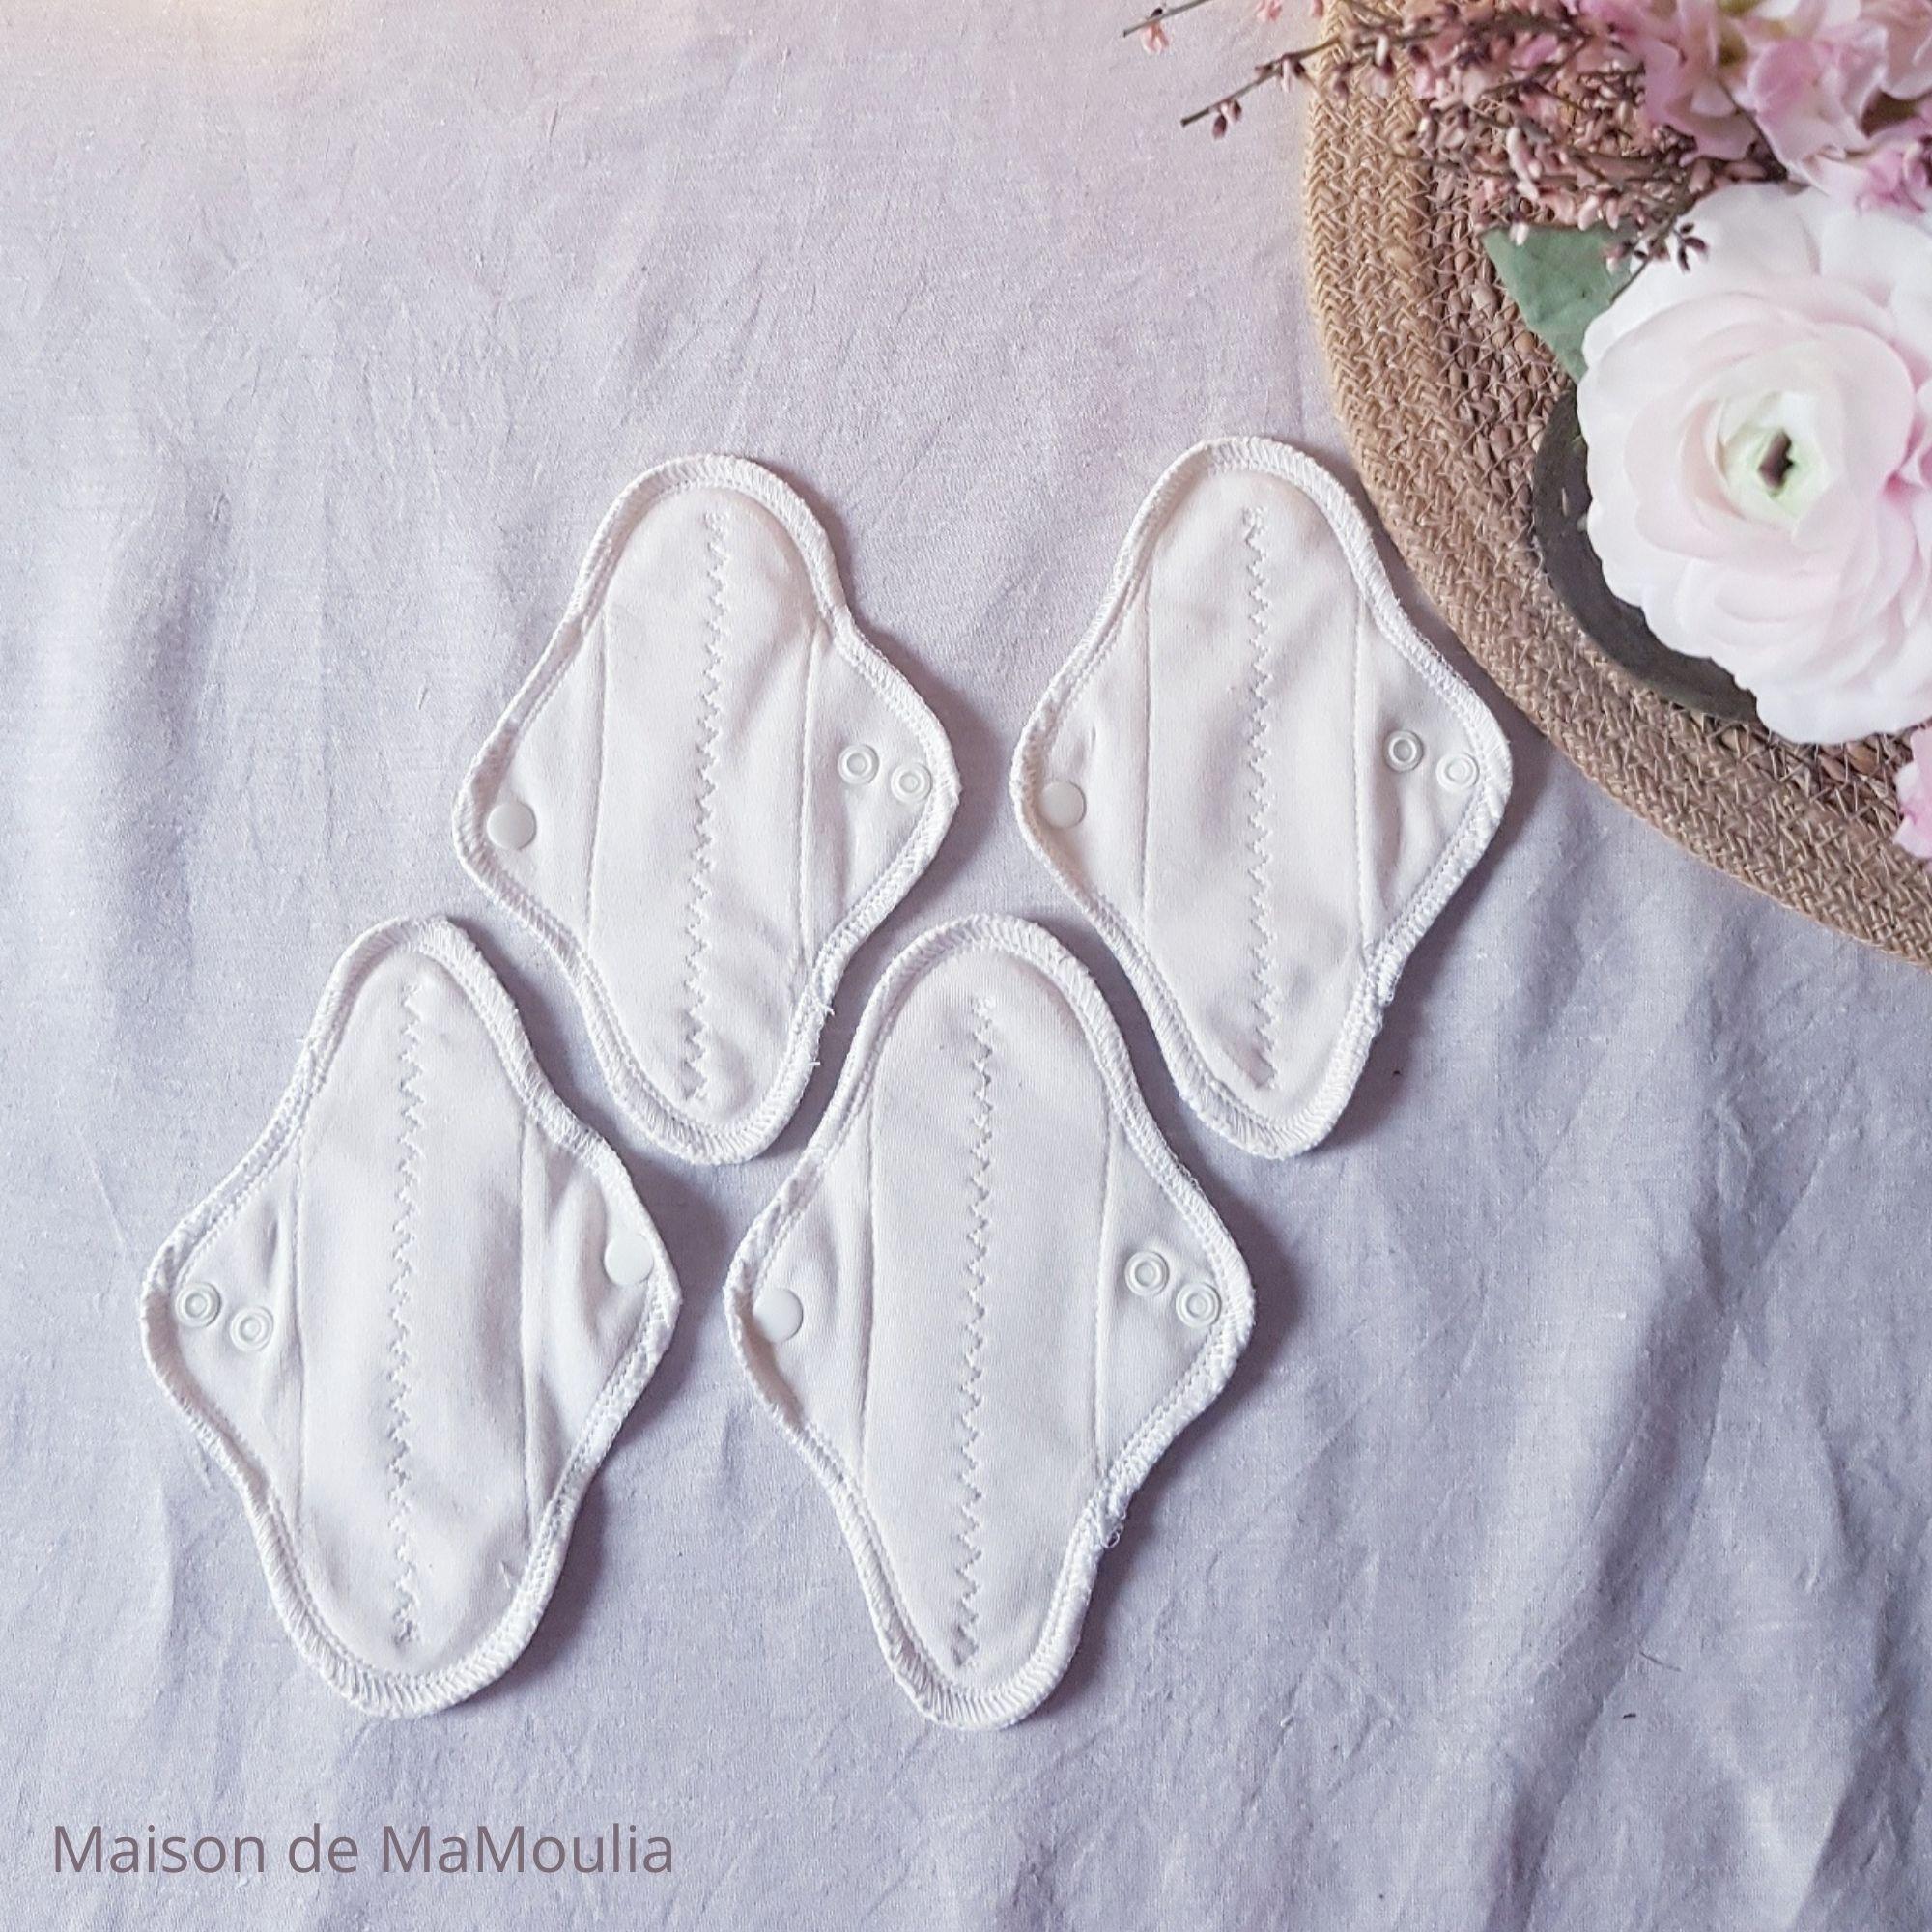 serviette-hygienique-lavable-mamidea-maison-de-mamoulia-mini-ecru-lot-